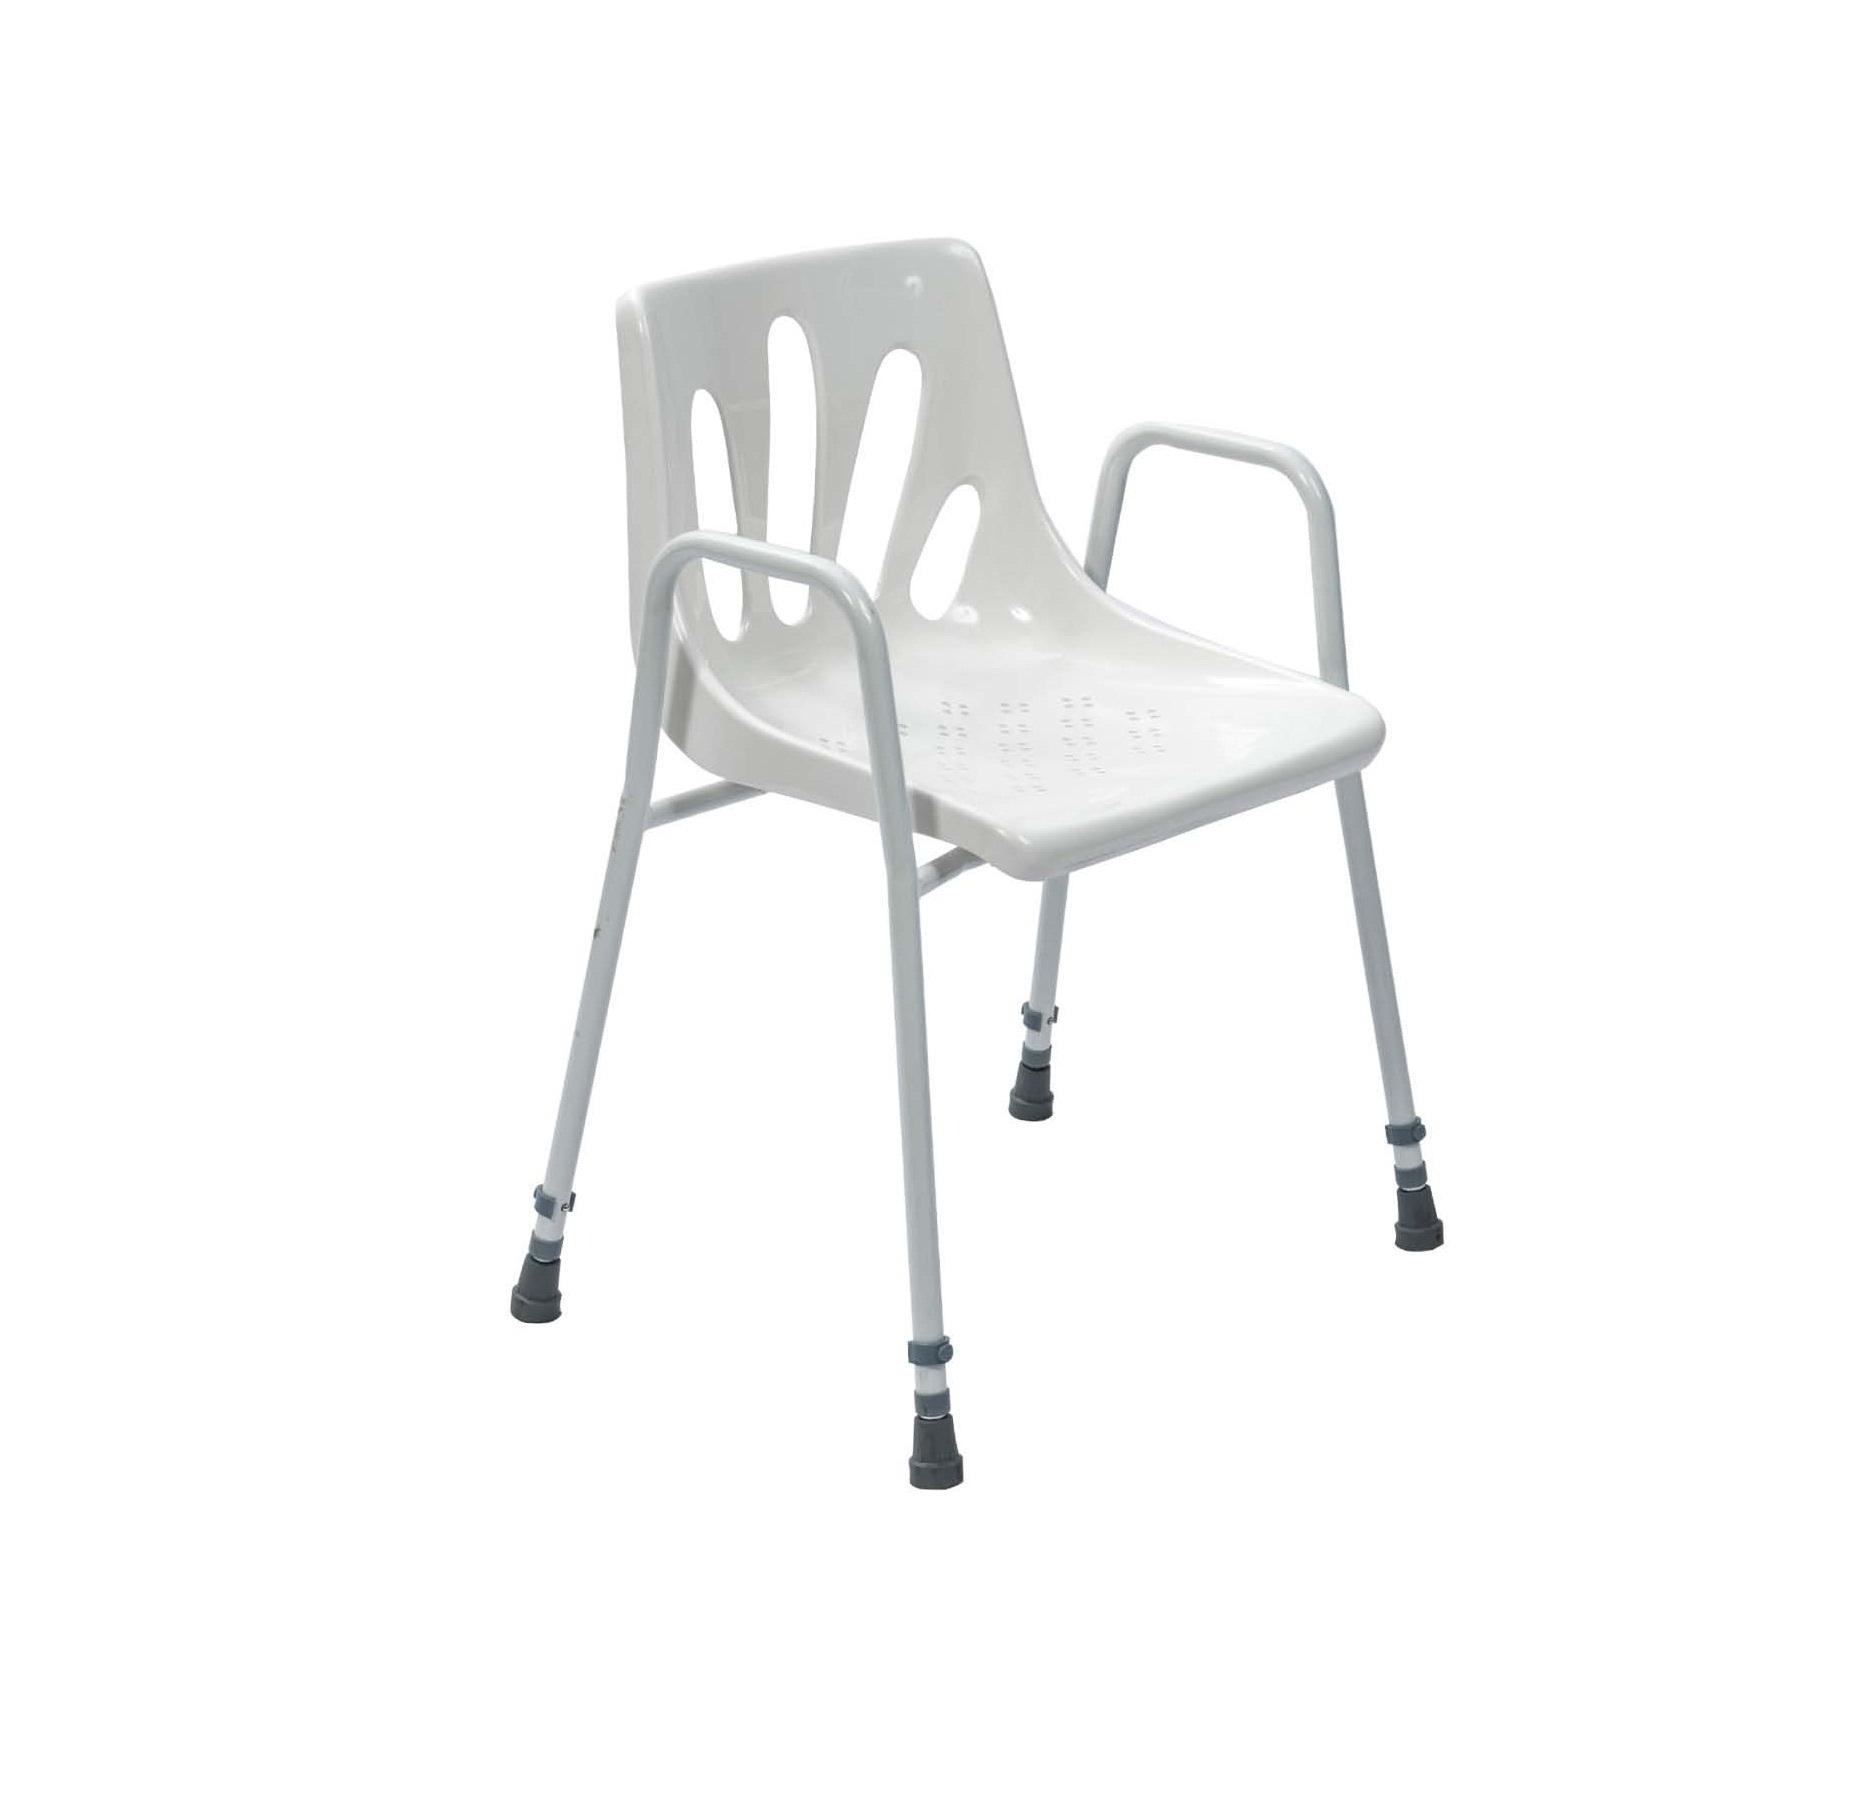 Chair - Shower Height Adjust - Afrimedics